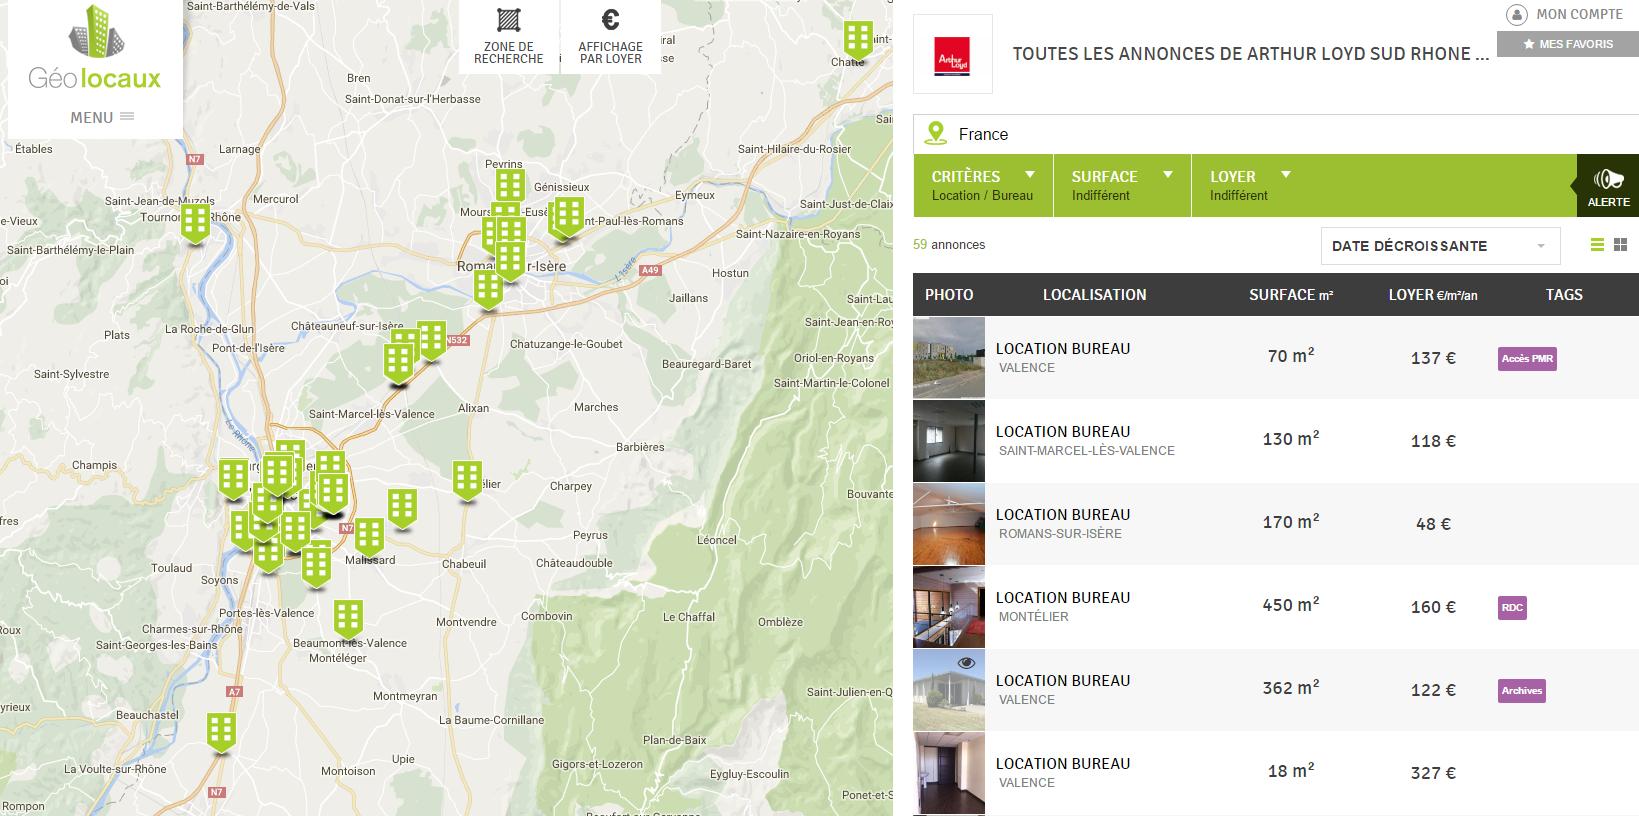 Les bureaux à louer d'Arthur Loyd Sud Rhone Alpes à Valence et Romans-sur-Isère